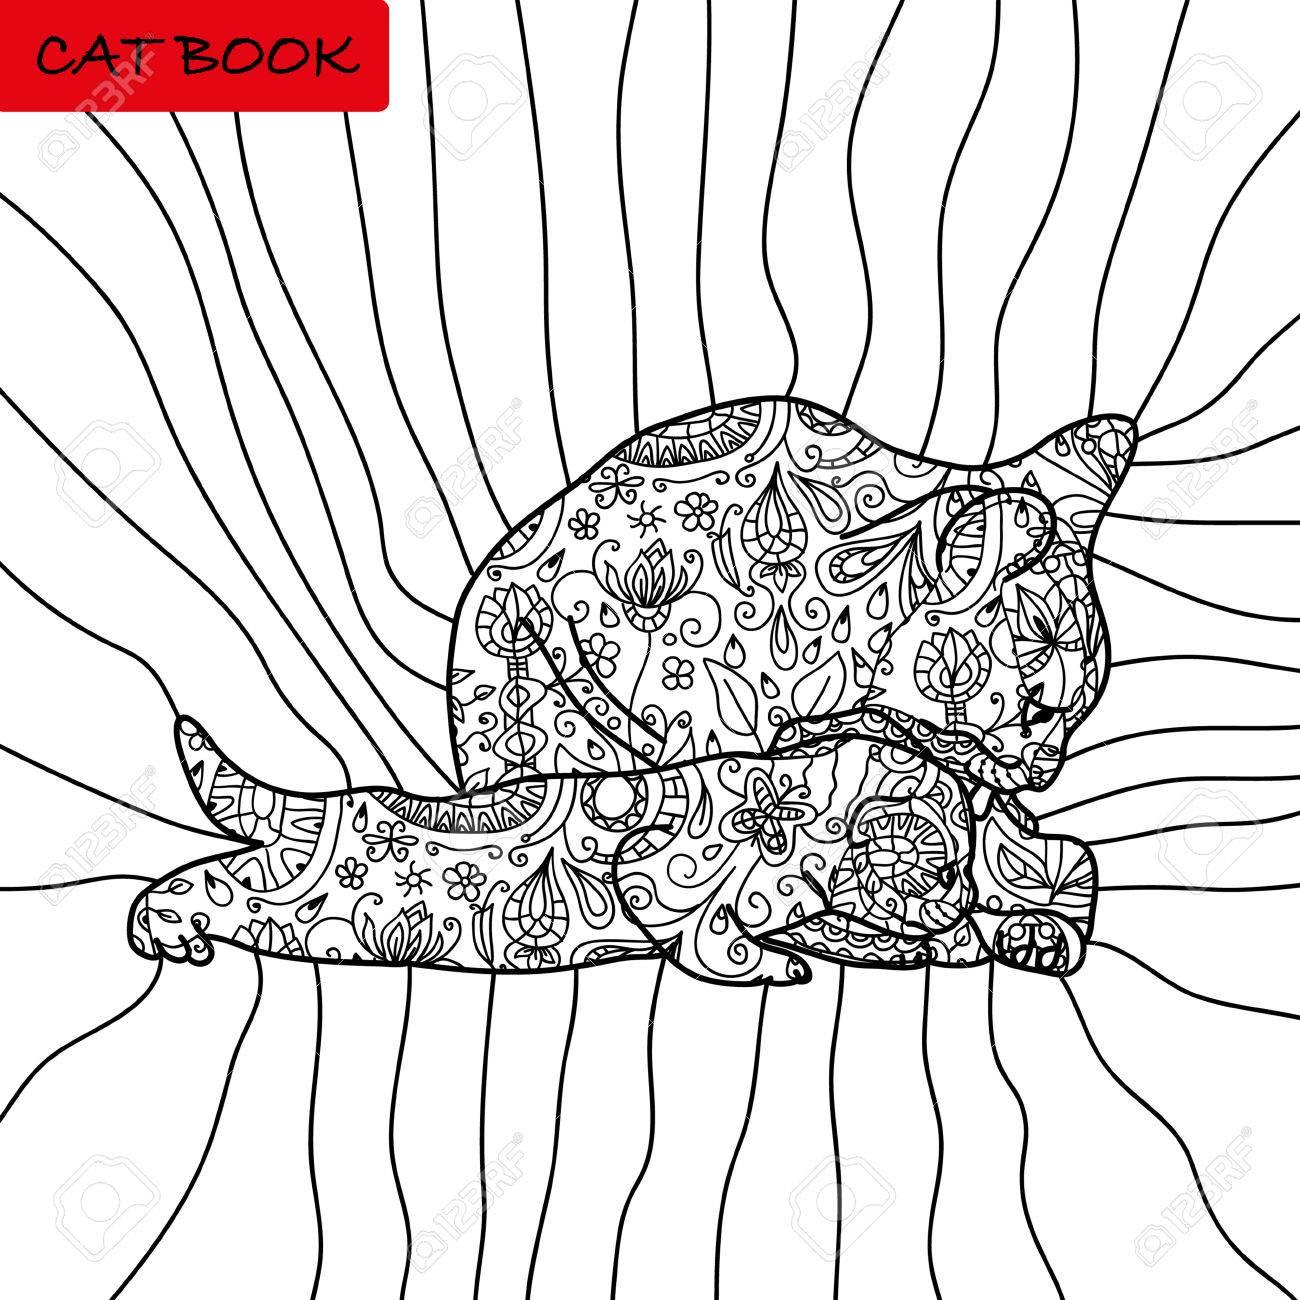 Buch Malvorlagen Für Erwachsene Und Kinder. Das Buch Der Katze ...